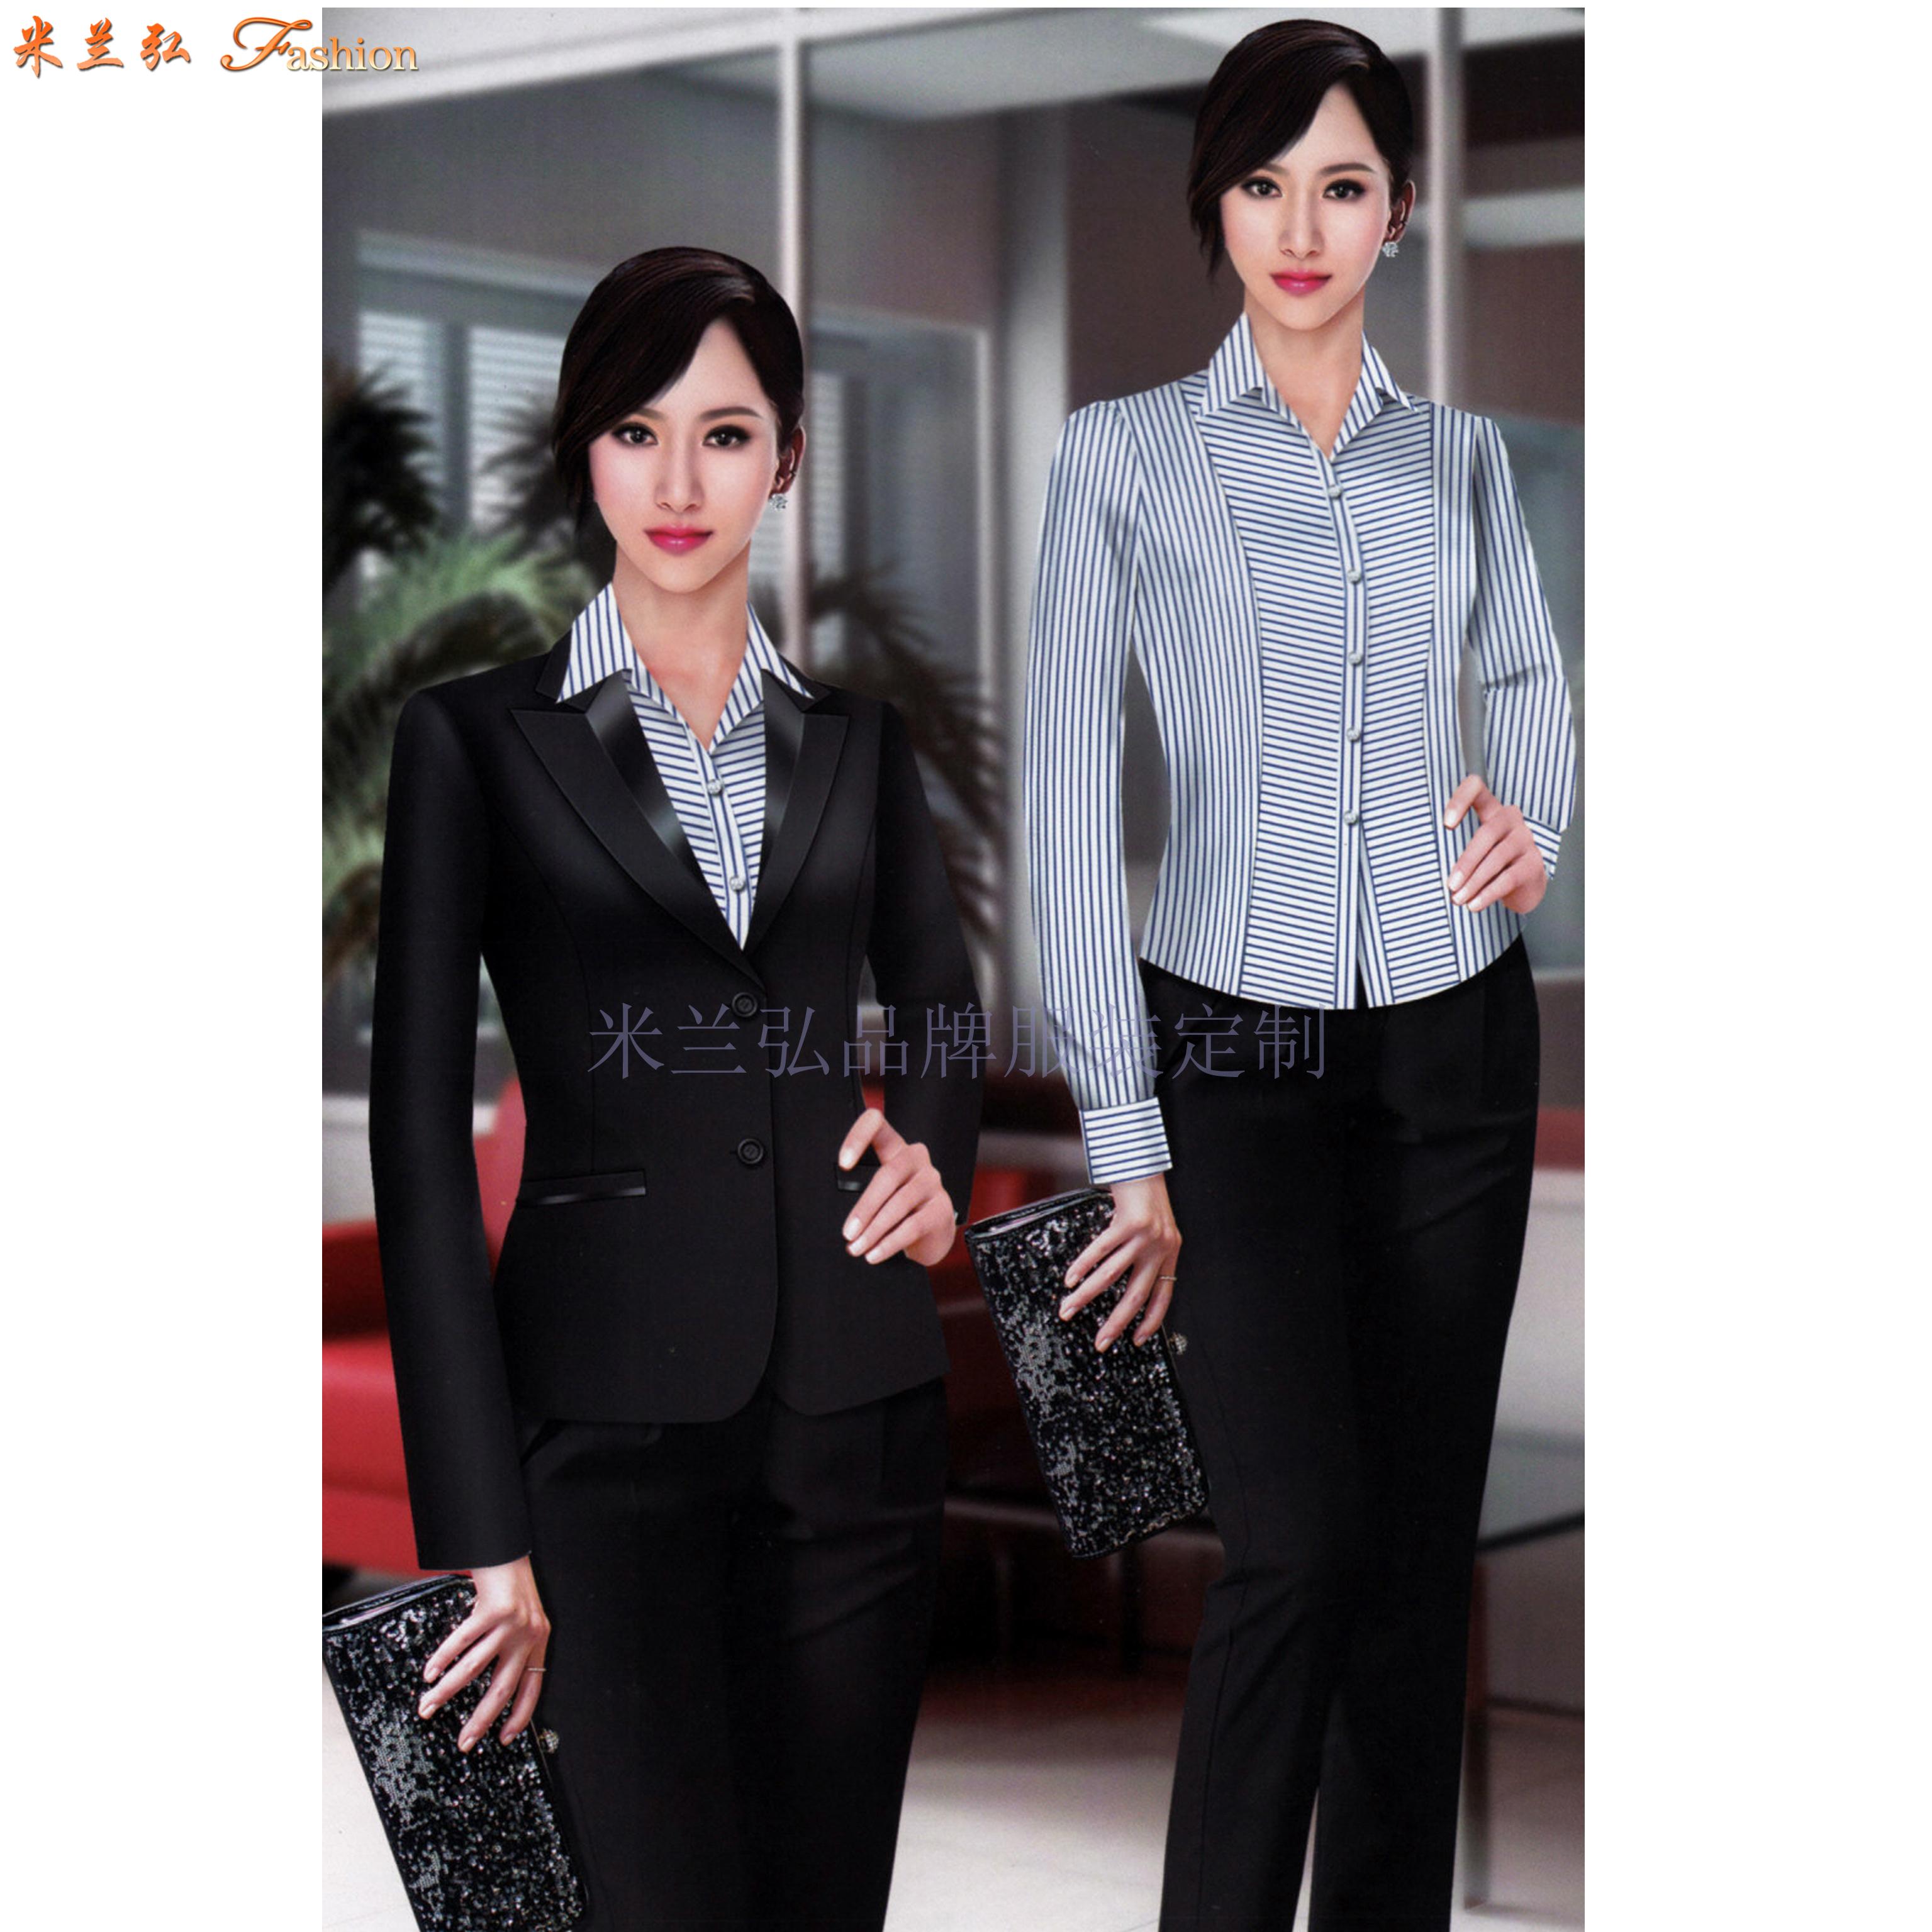 「修身女西服」采購批發市場優質女士西服價格品牌廠商_米蘭弘-3